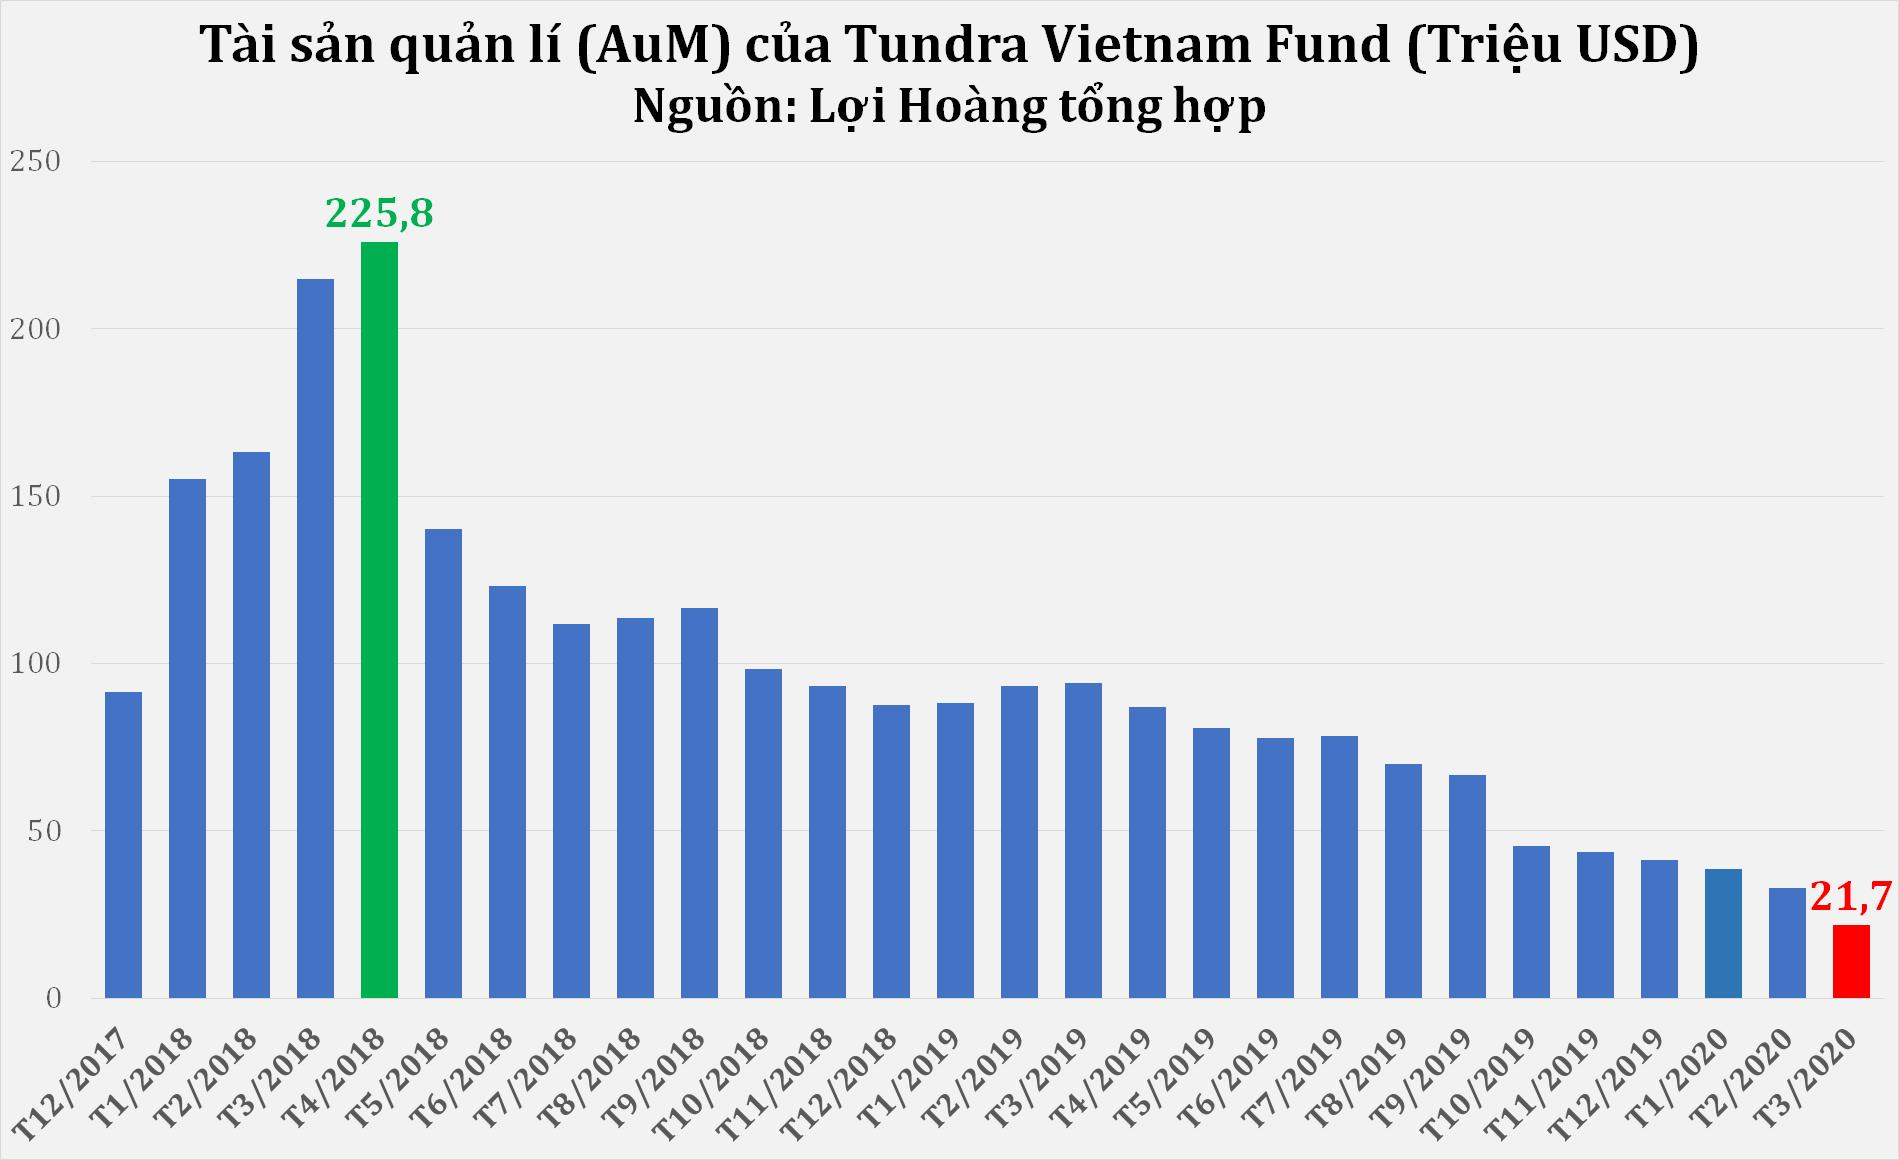 Mất toàn bộ lợi nhuận sau 6 năm rót vốn, Fundra Vietnam rút hơn 1/3 quĩ khỏi TTCK Việt Nam trong tháng 3 - Ảnh 2.